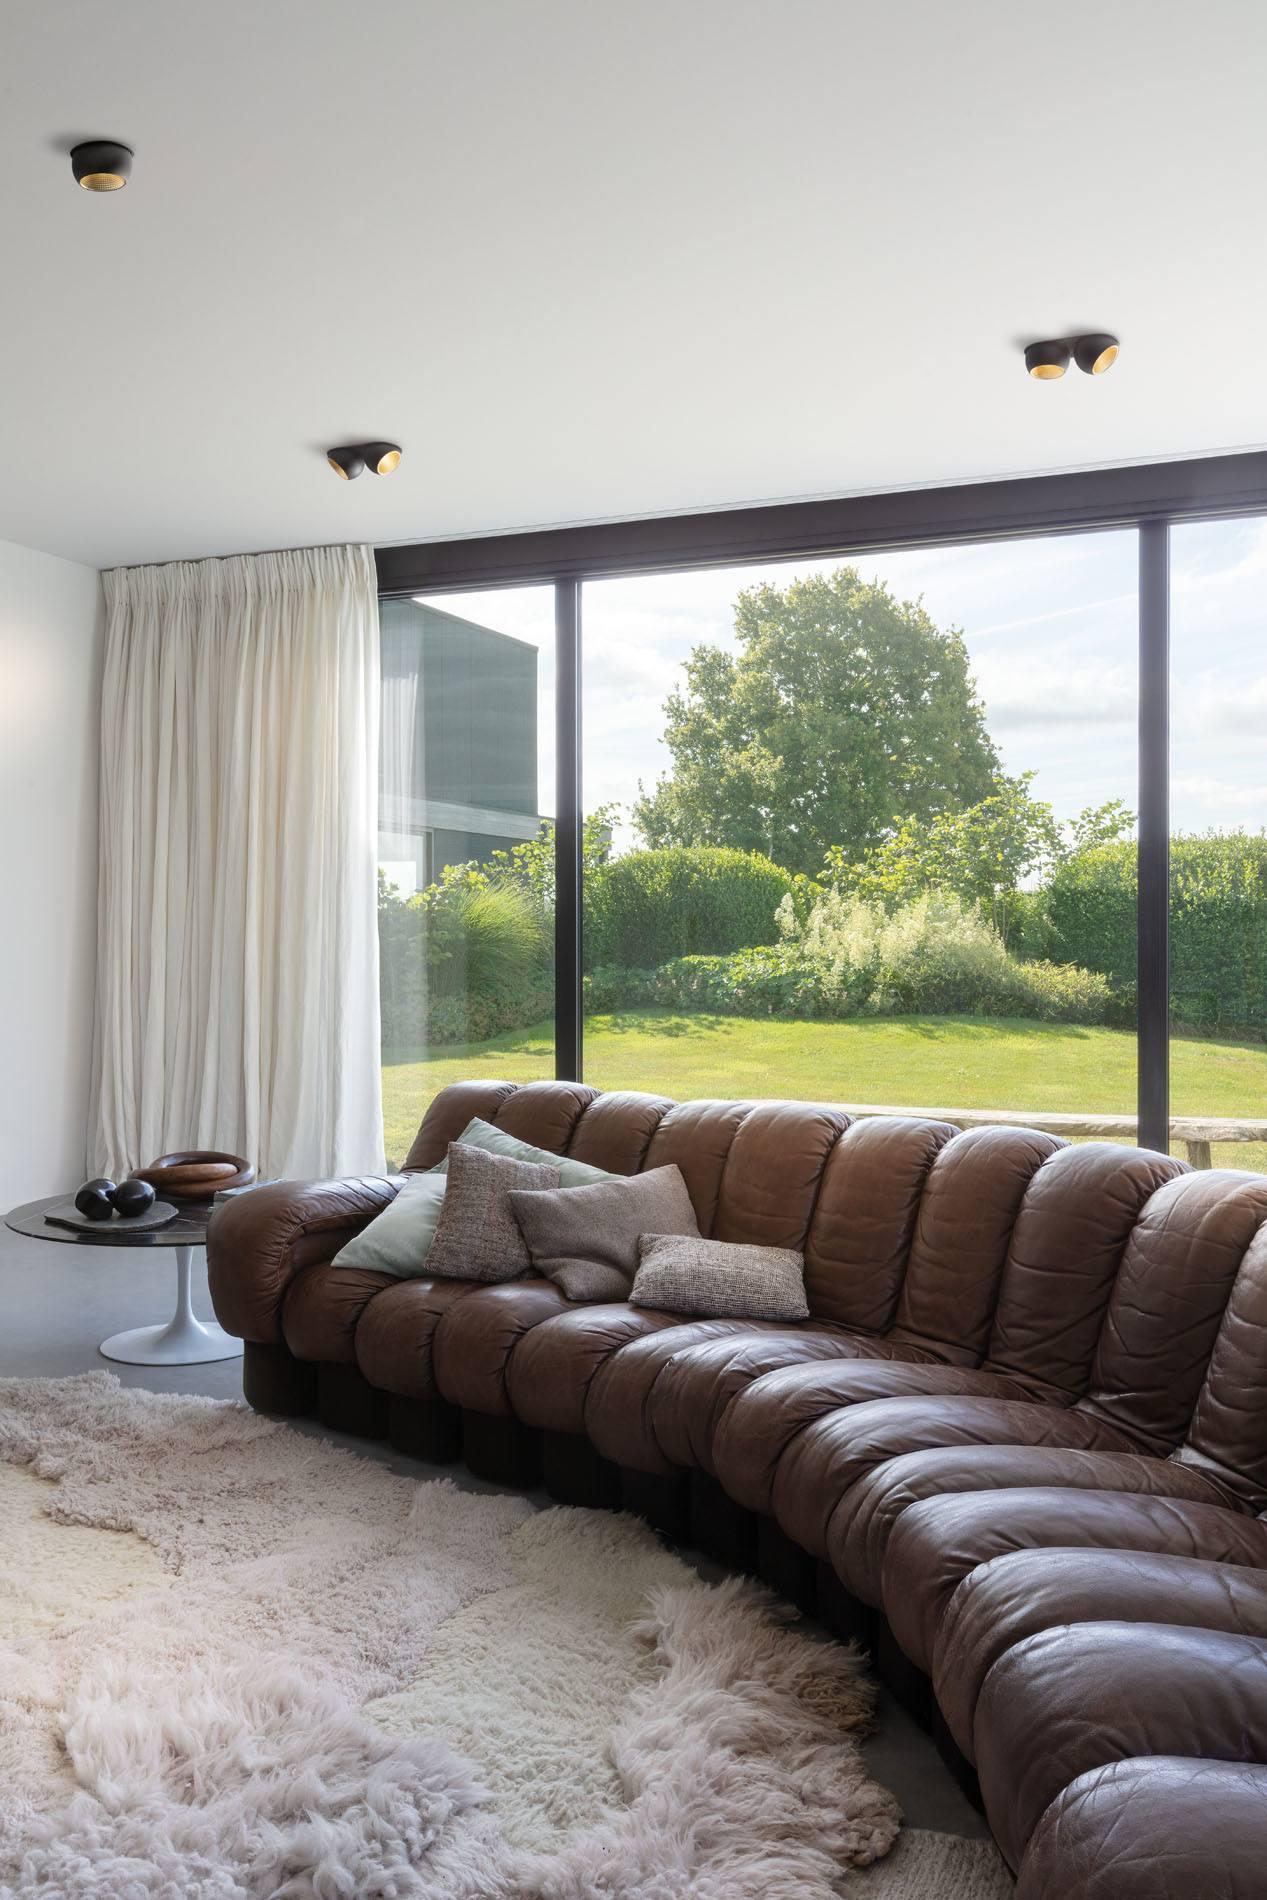 Ledersofa und langflorteppich. Taktile Materialien machen das Wohnen zu einem sinnlichen Erlebnis